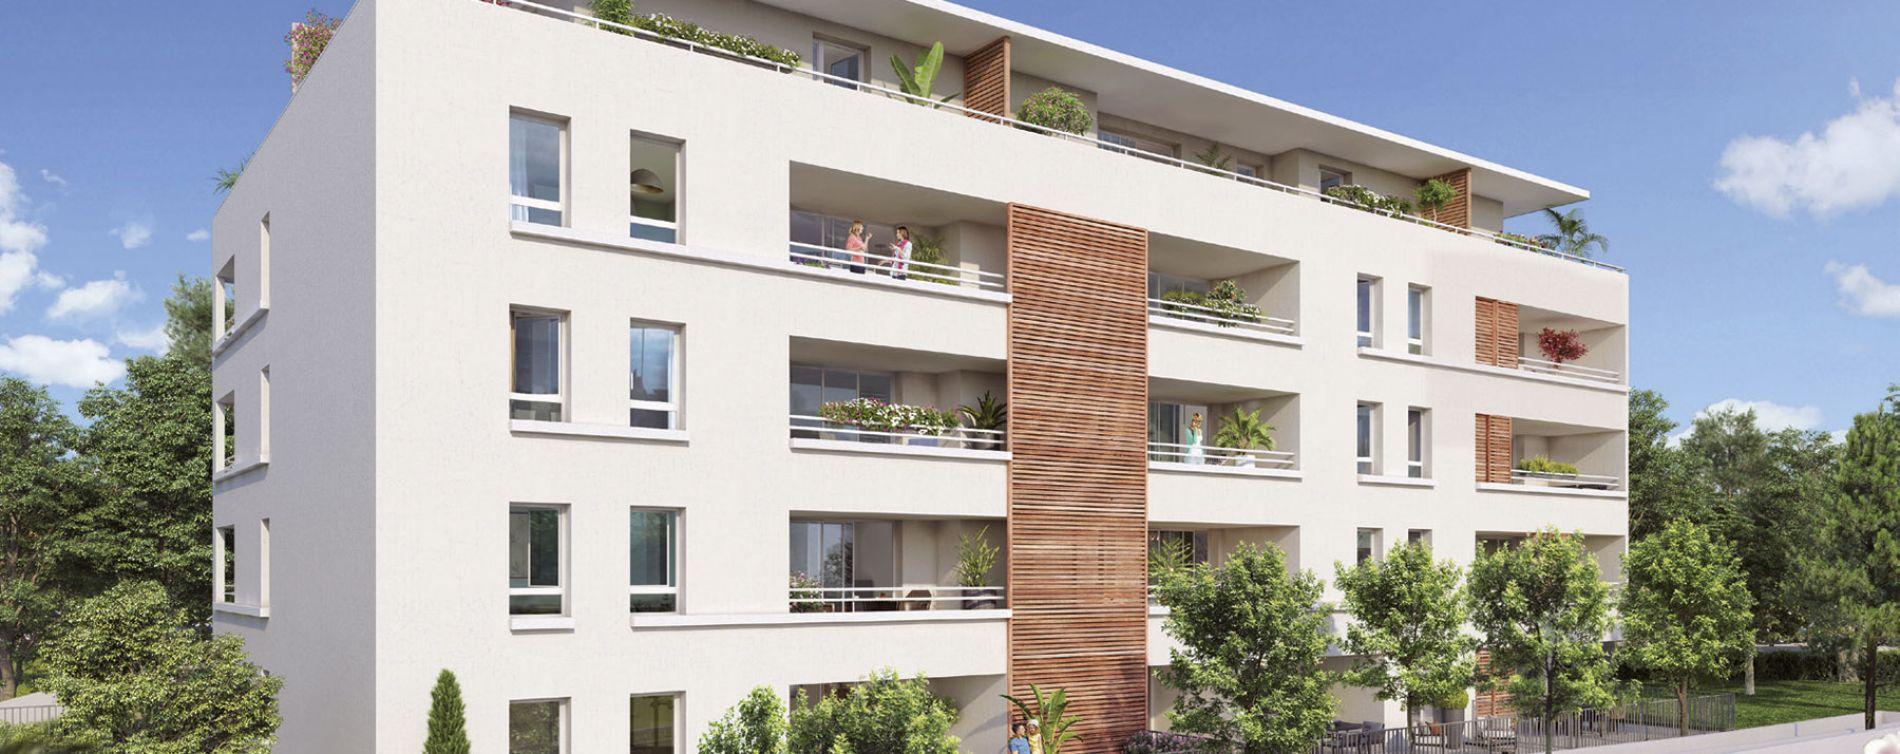 Résidence Arboressence à Marseille